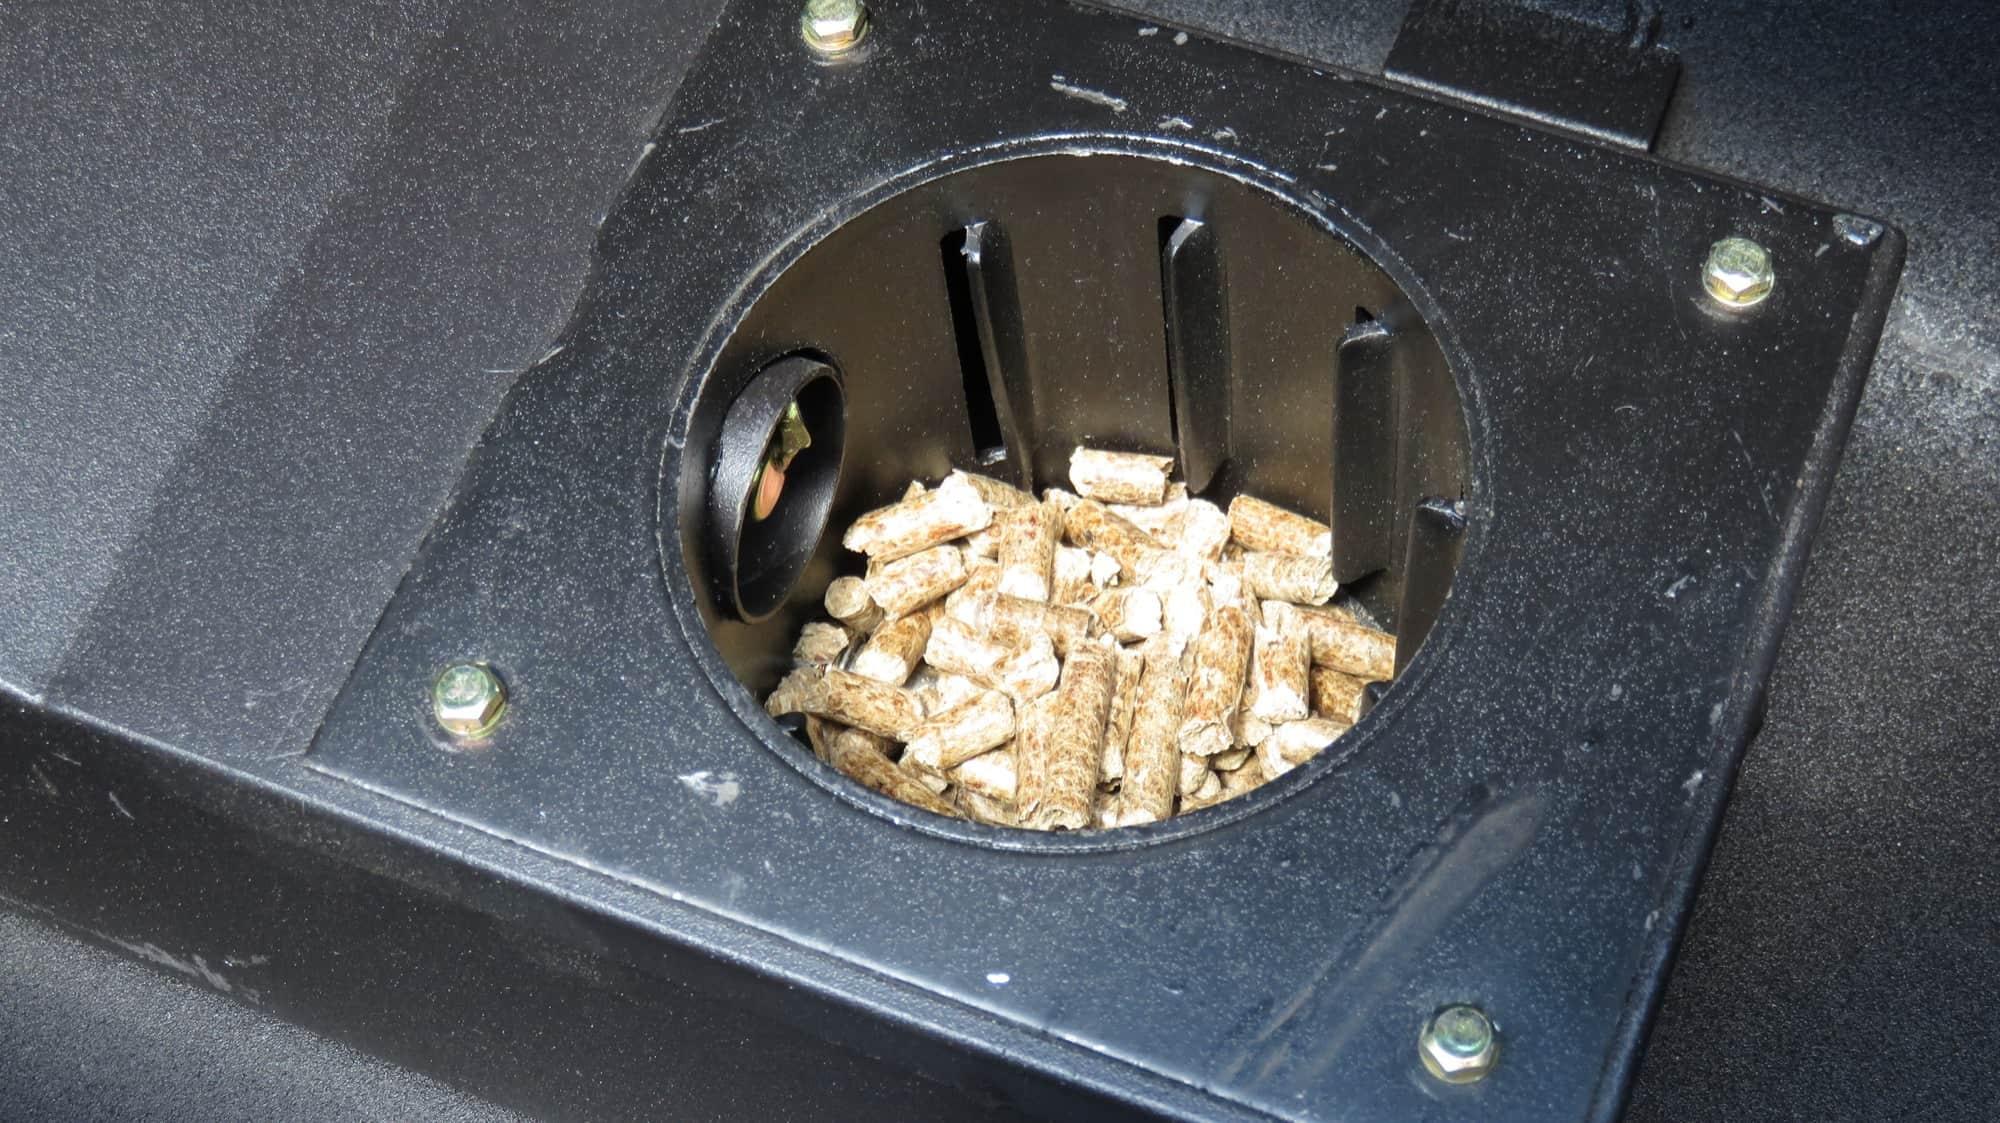 pellets in a pellet grill's firepot